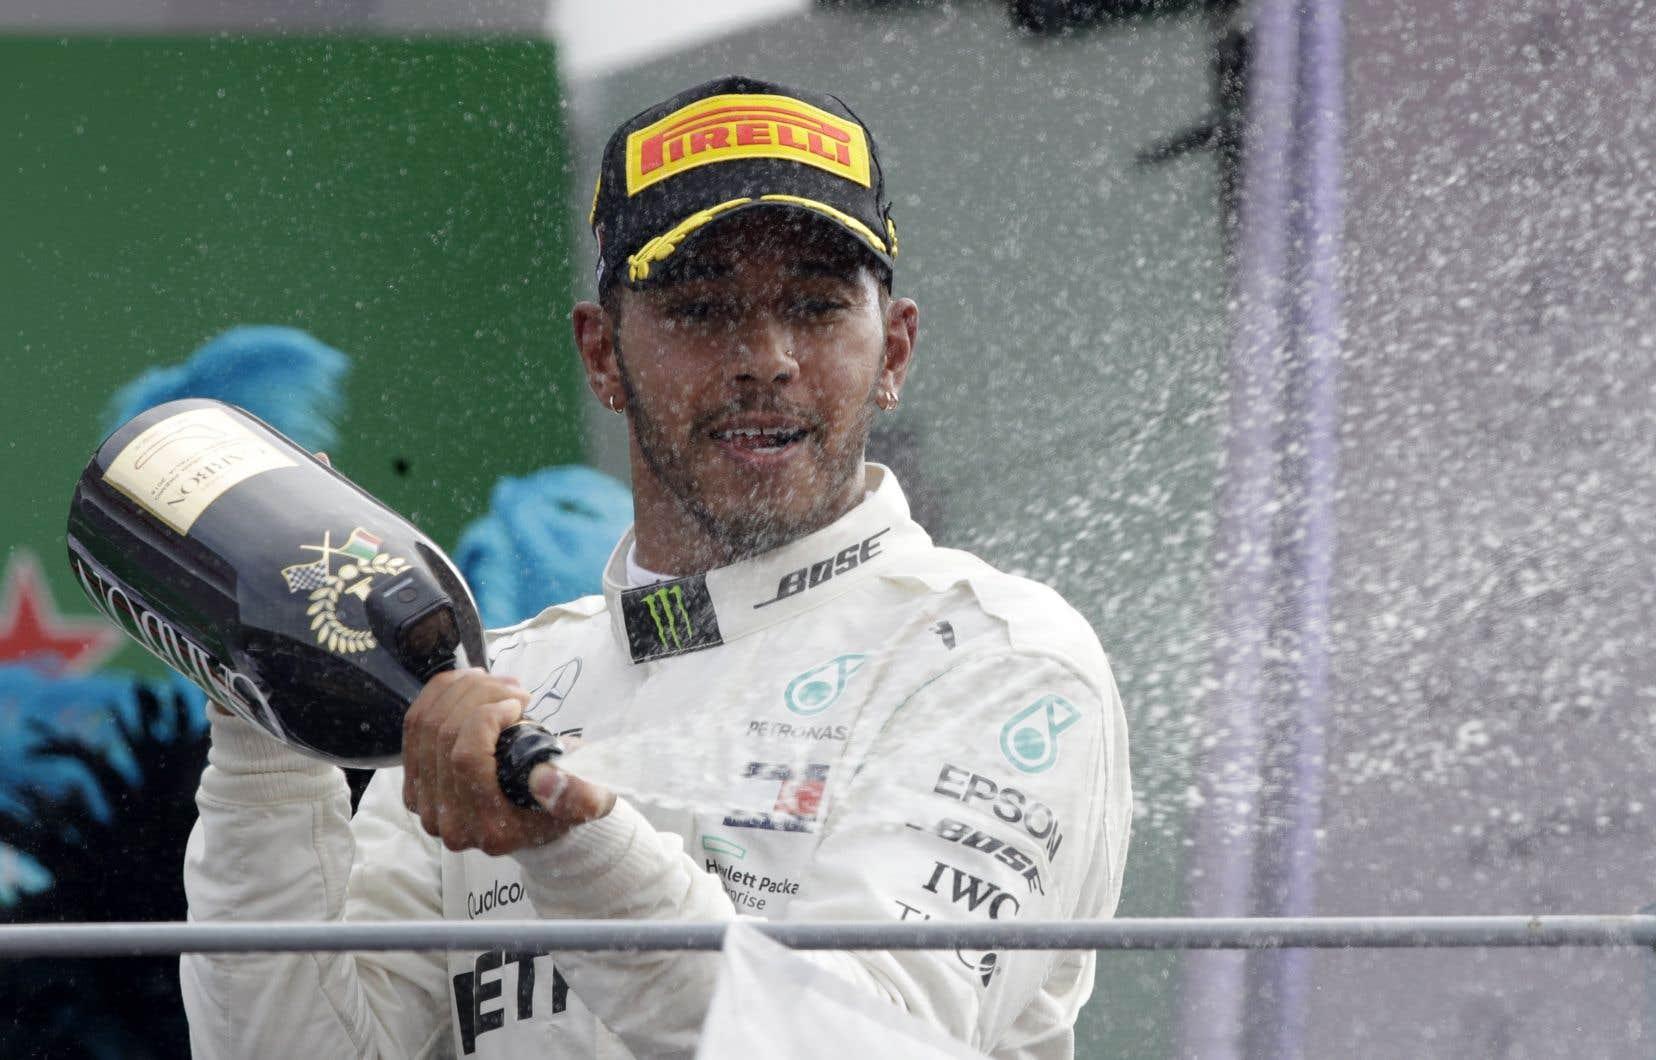 Lewis Hamilton célèbre sa victoire, dimanche, à Monza.